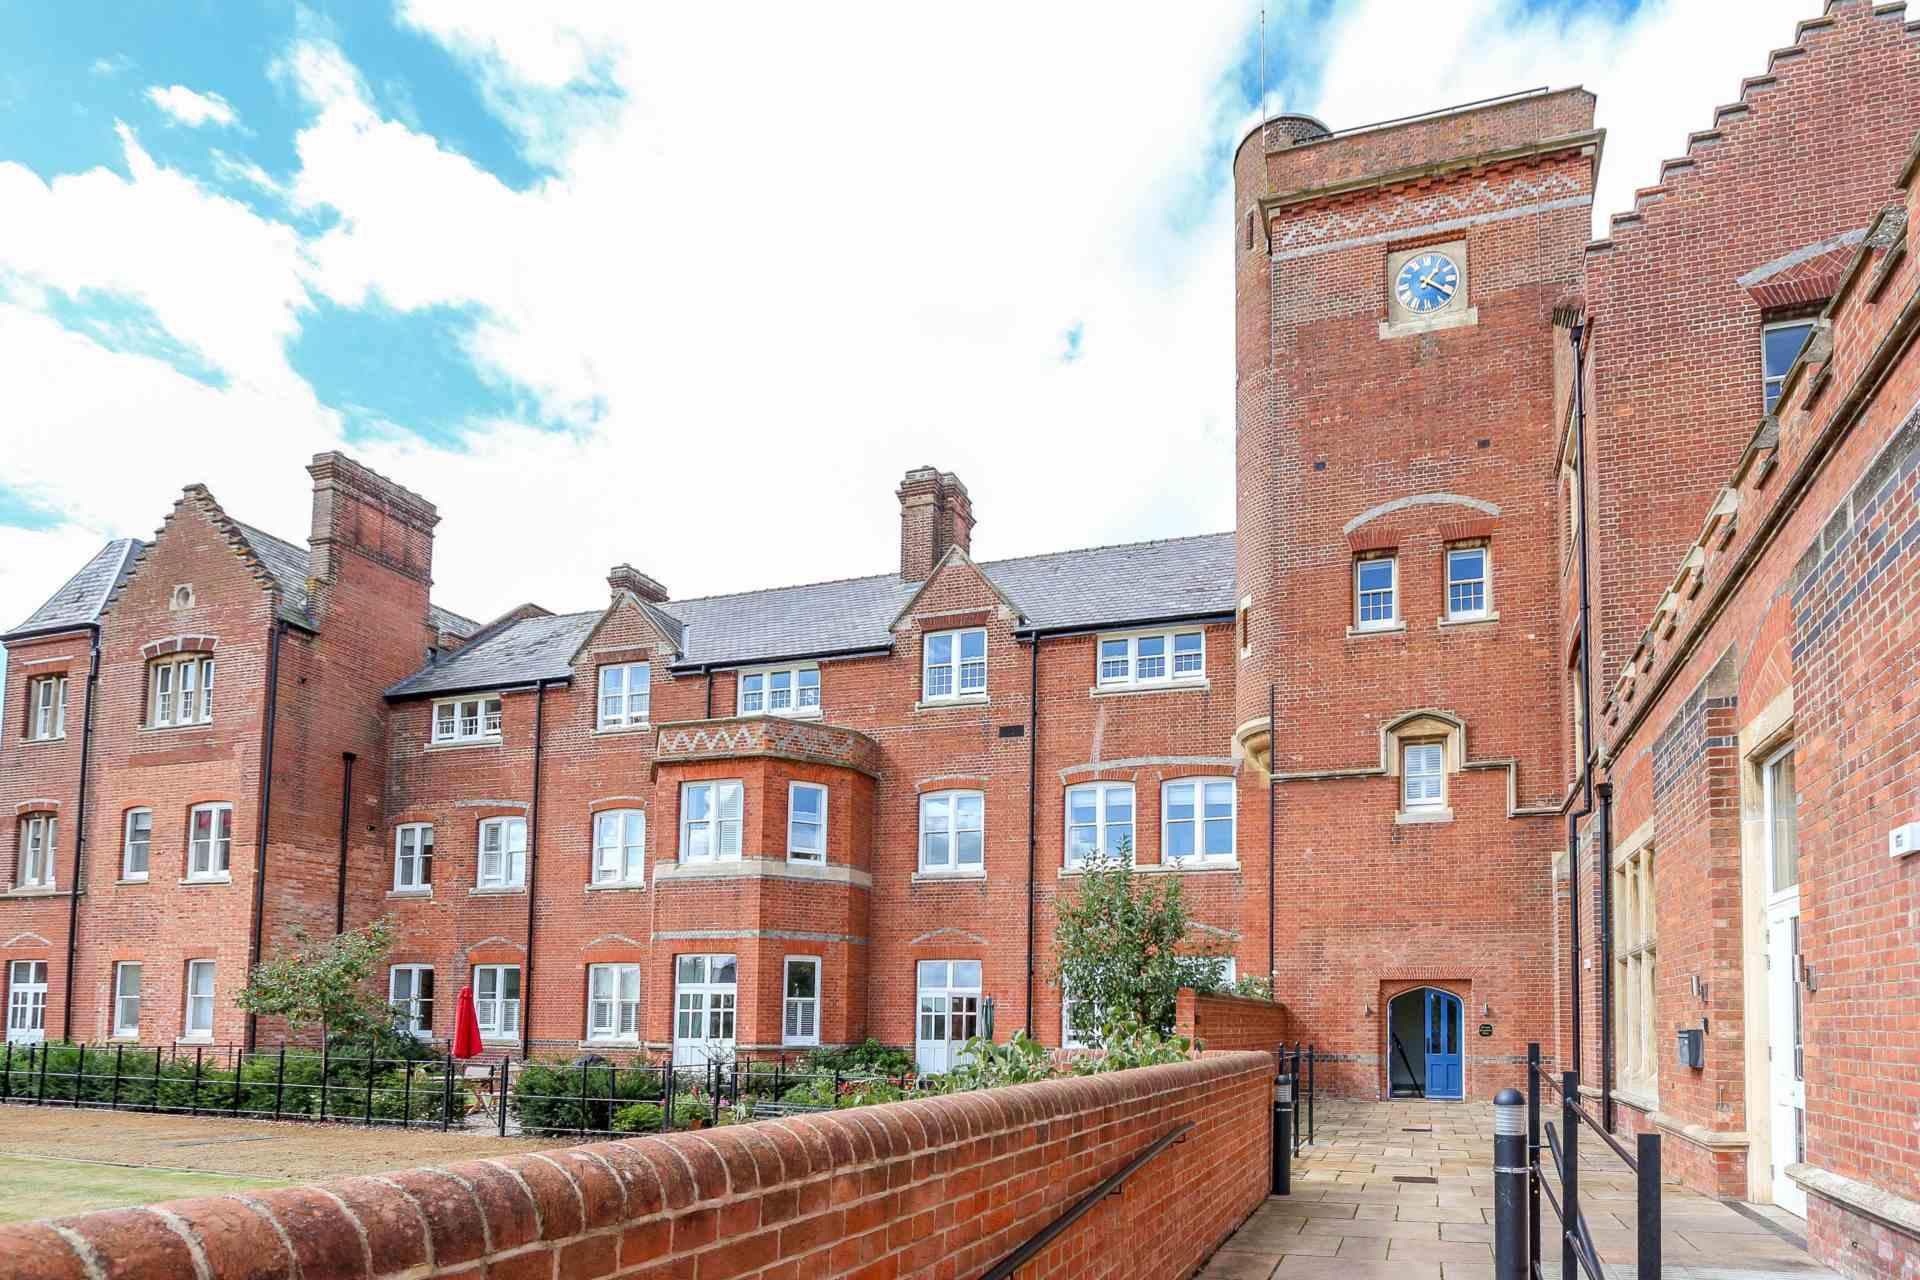 Basildon Court, Cholsey, Image 8